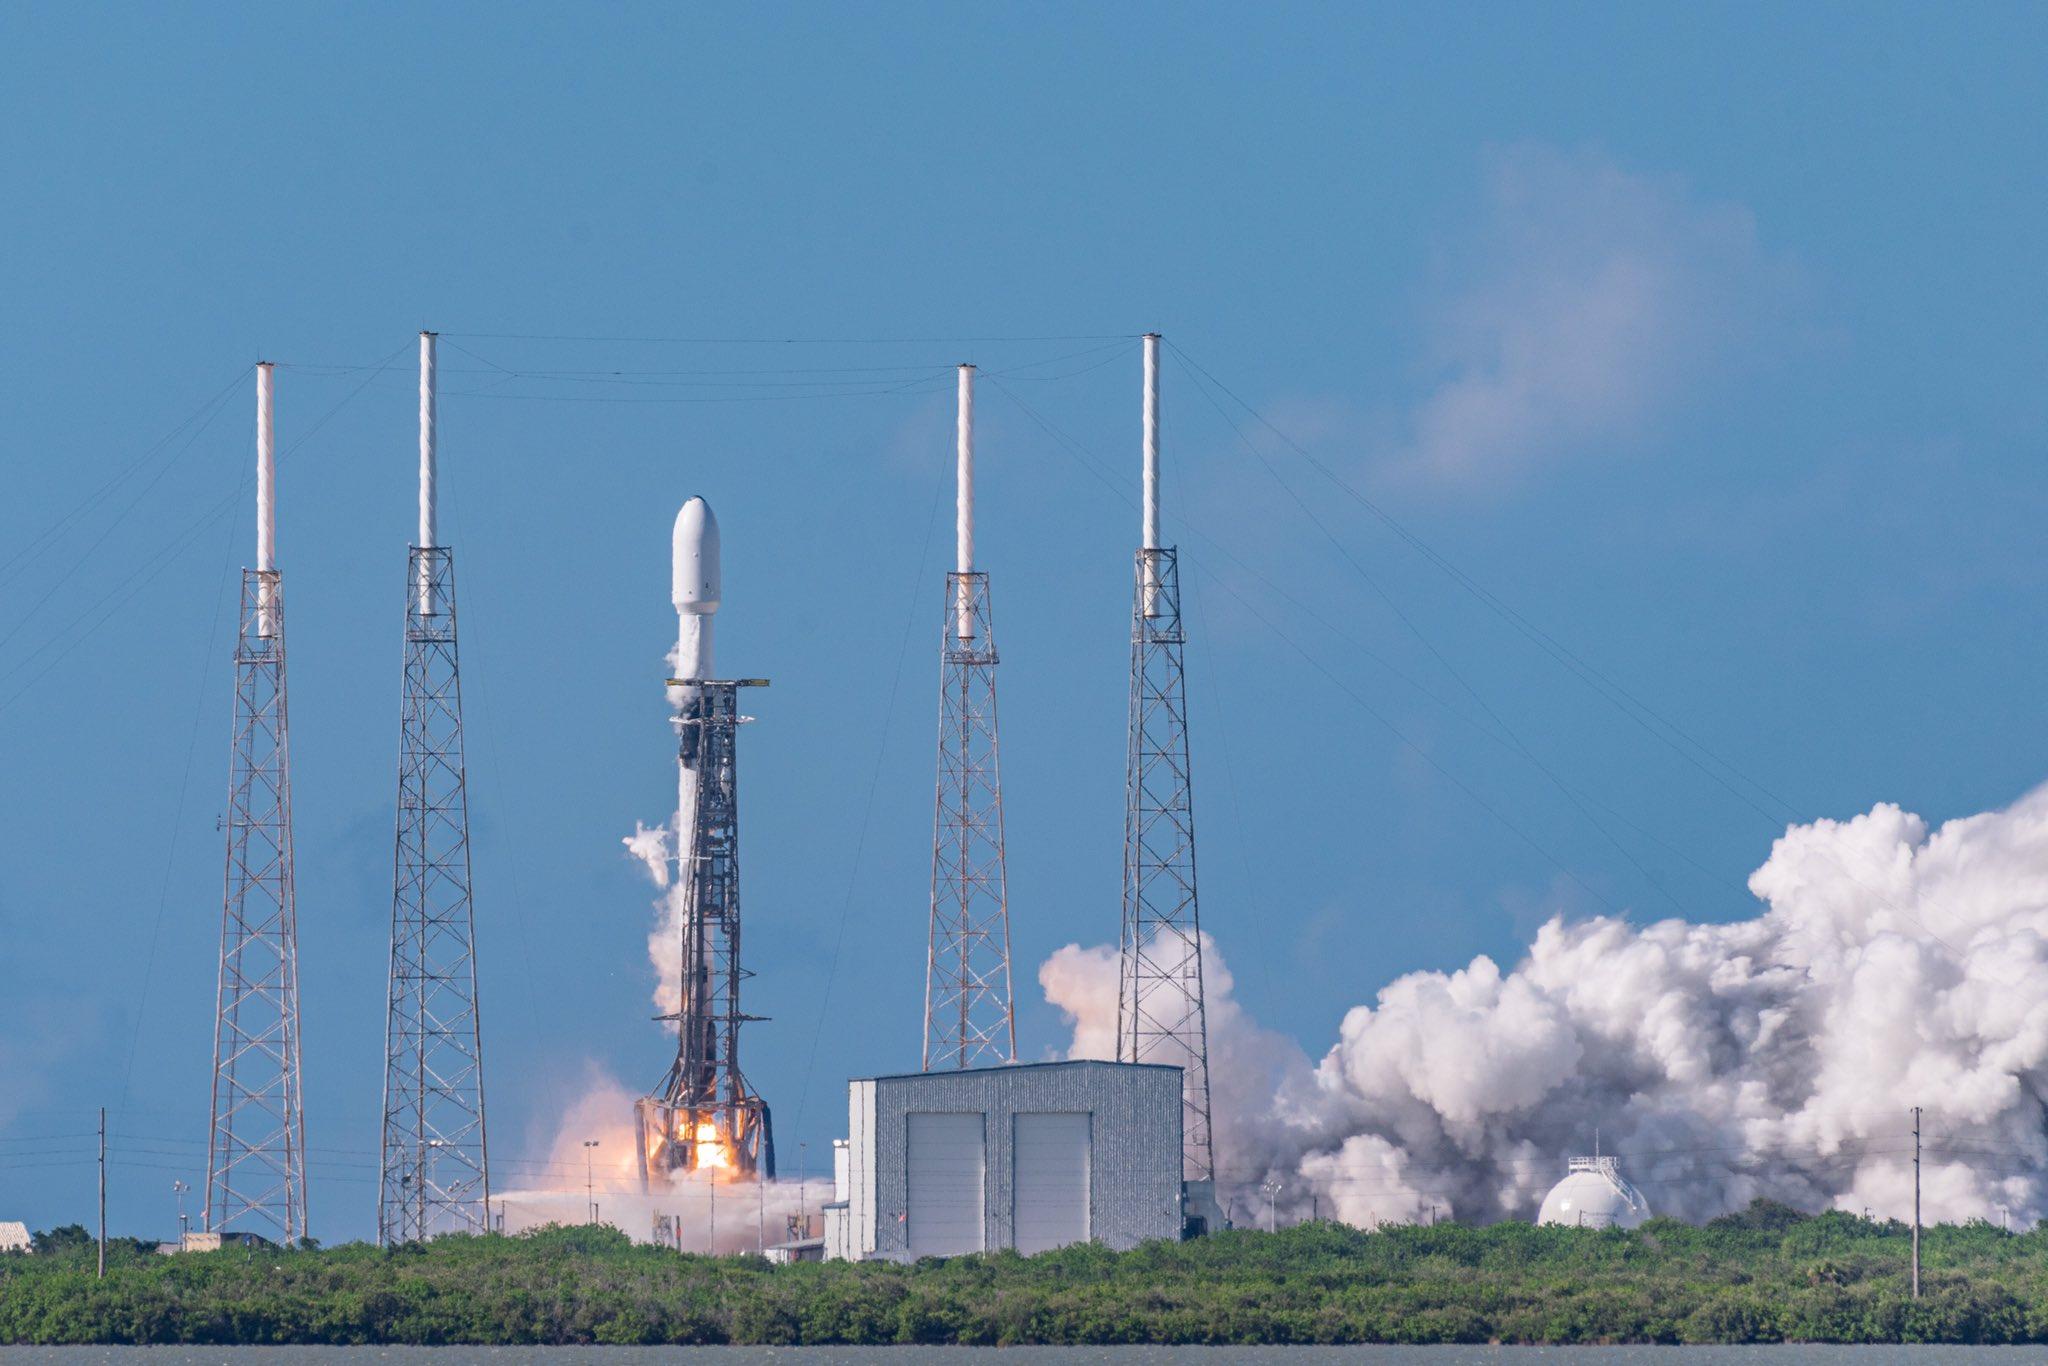 Imaginea 1: Lansarea rachetei Falcon 9 cu treapta primară B1058 de pe rampa SLC-40 de la complexul spațial Cape Canaveral, Florida.